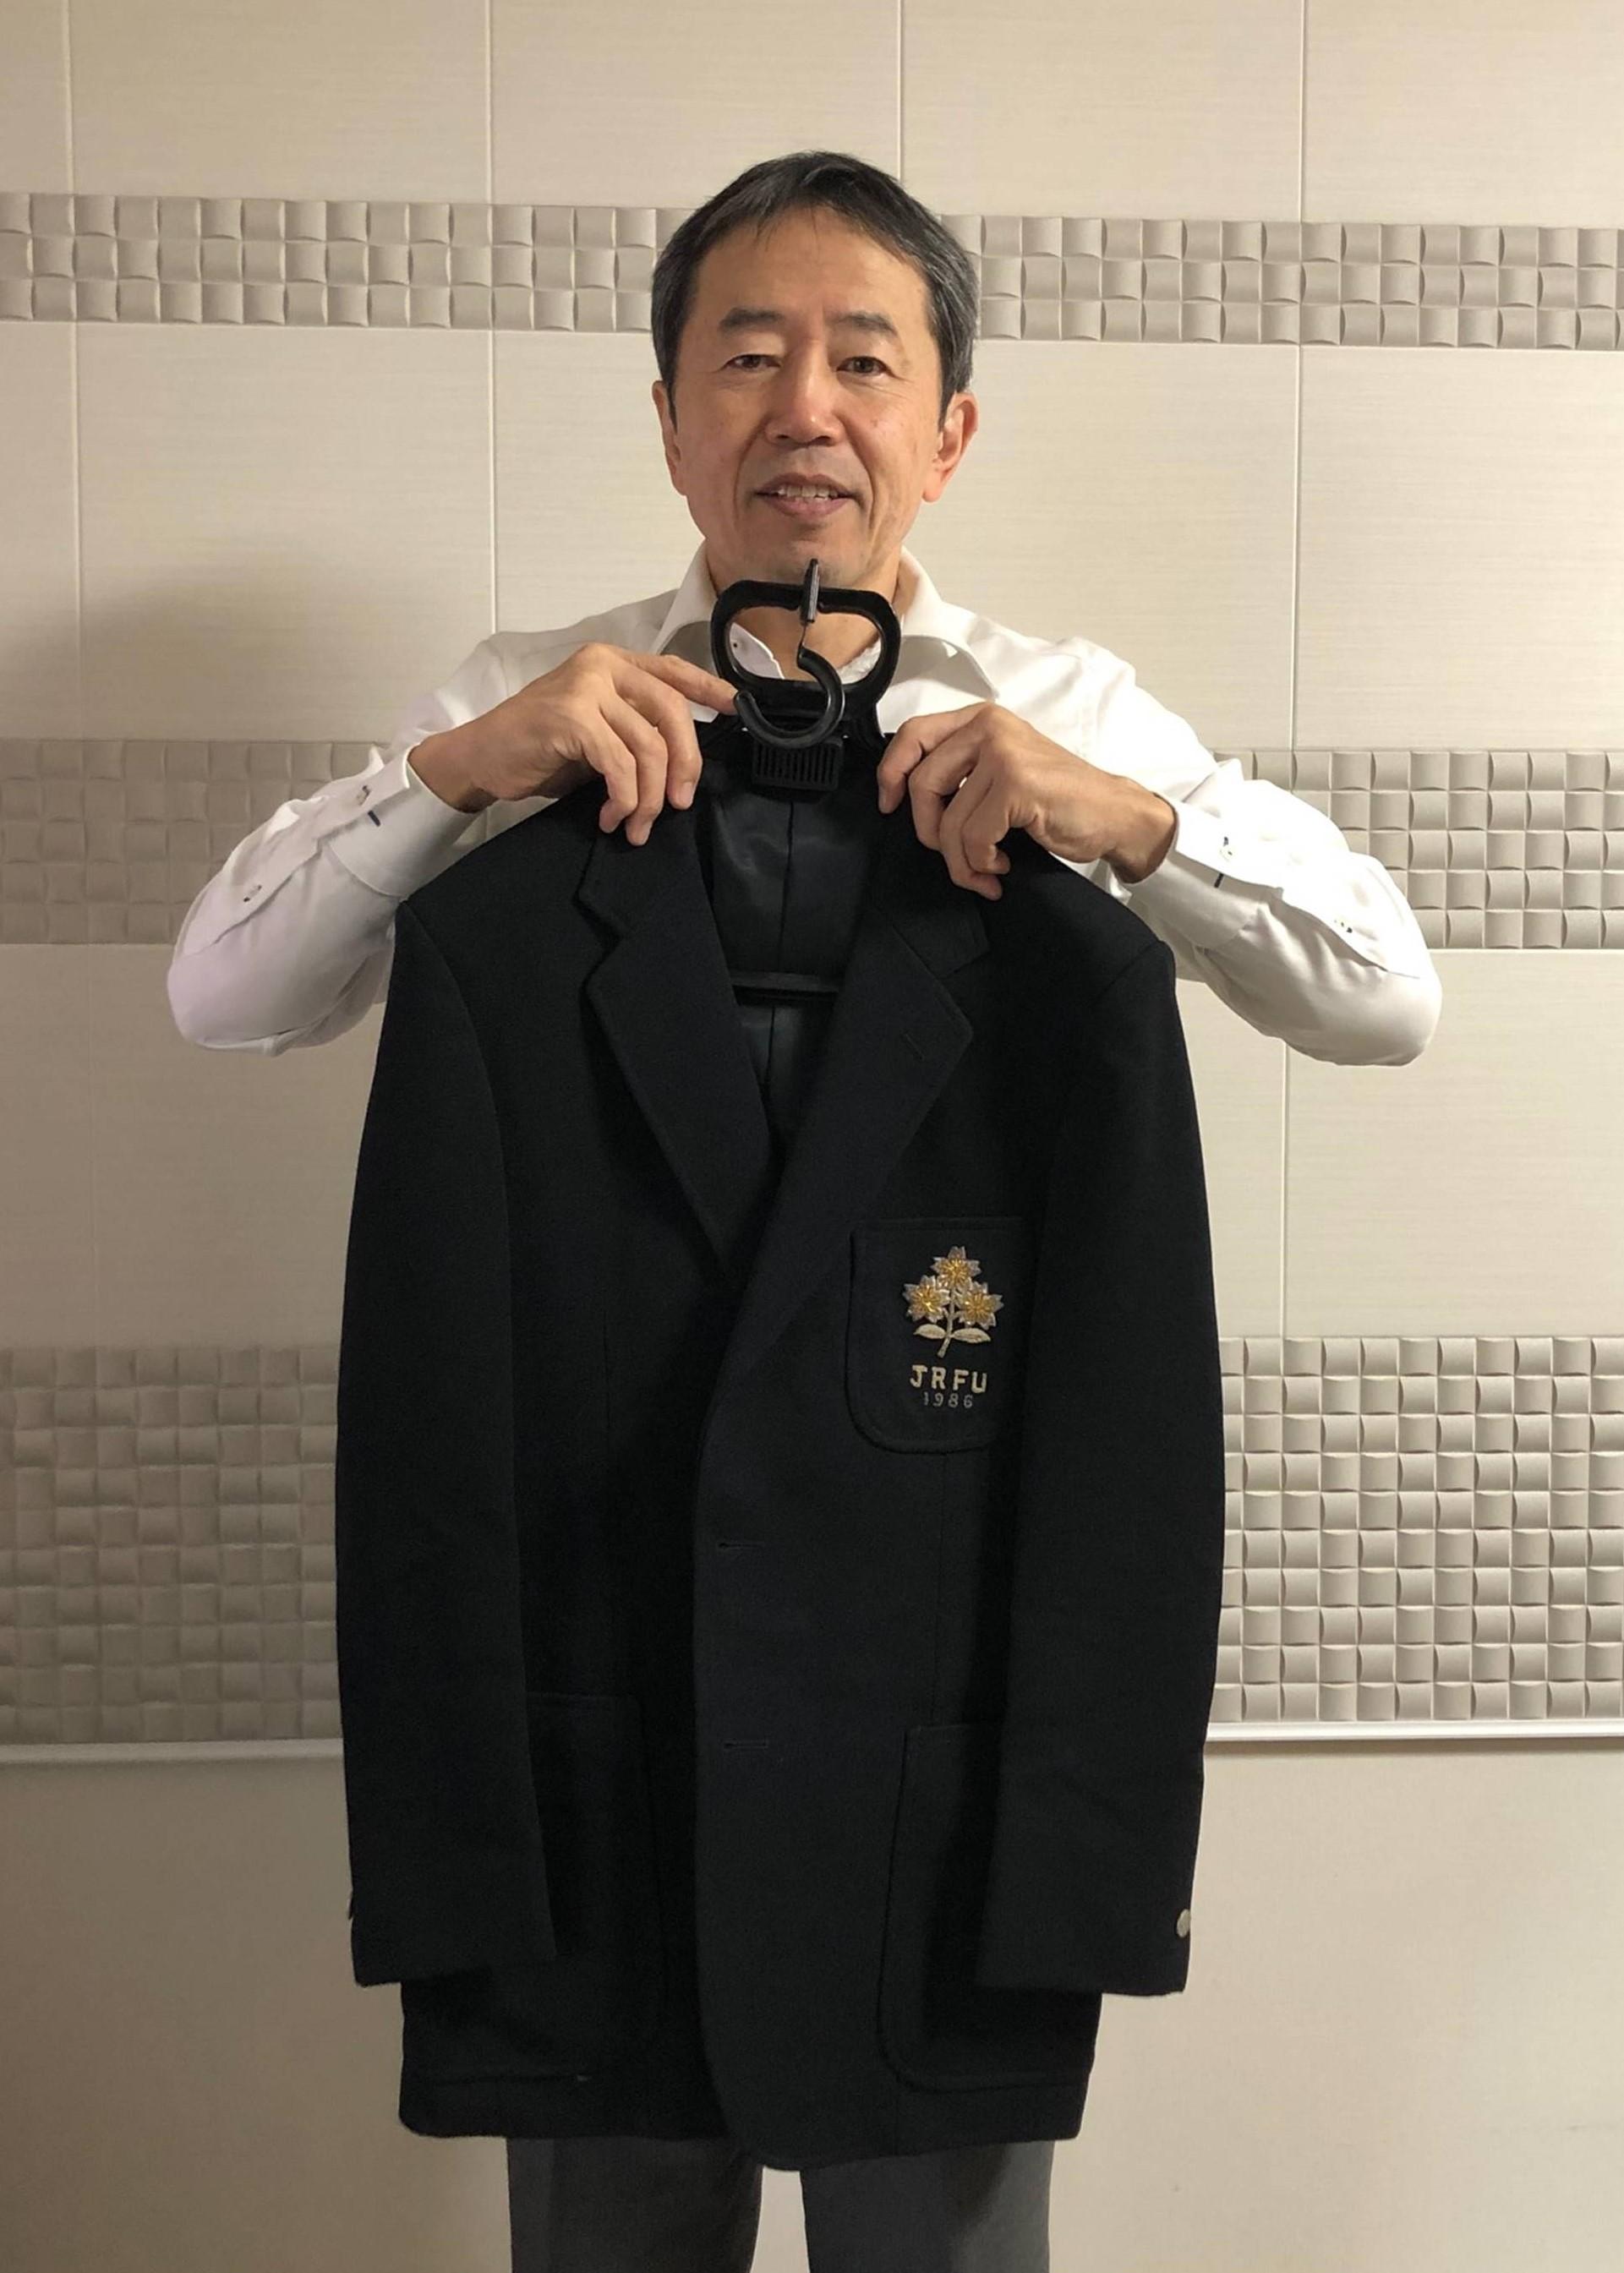 【公式】実使用「1986年全日本北米遠征時ブレザー」 松永 敏宏